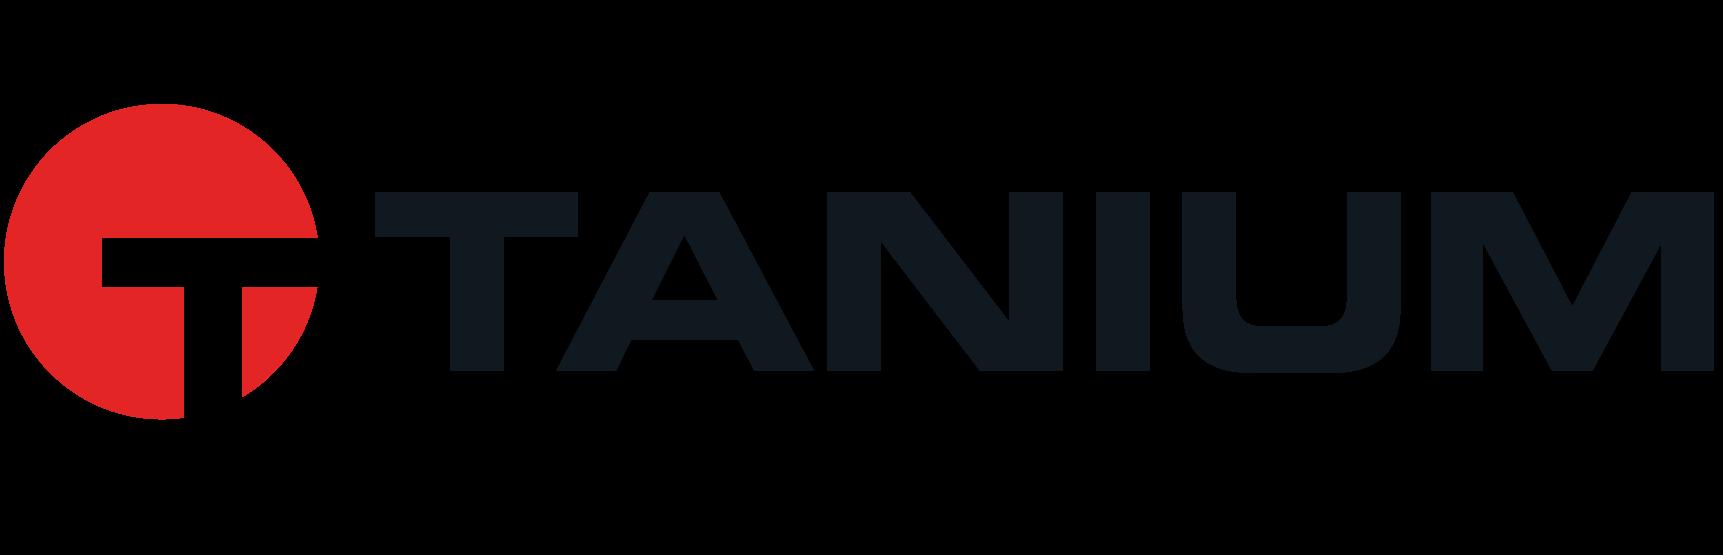 介绍Cloudflare for Teams